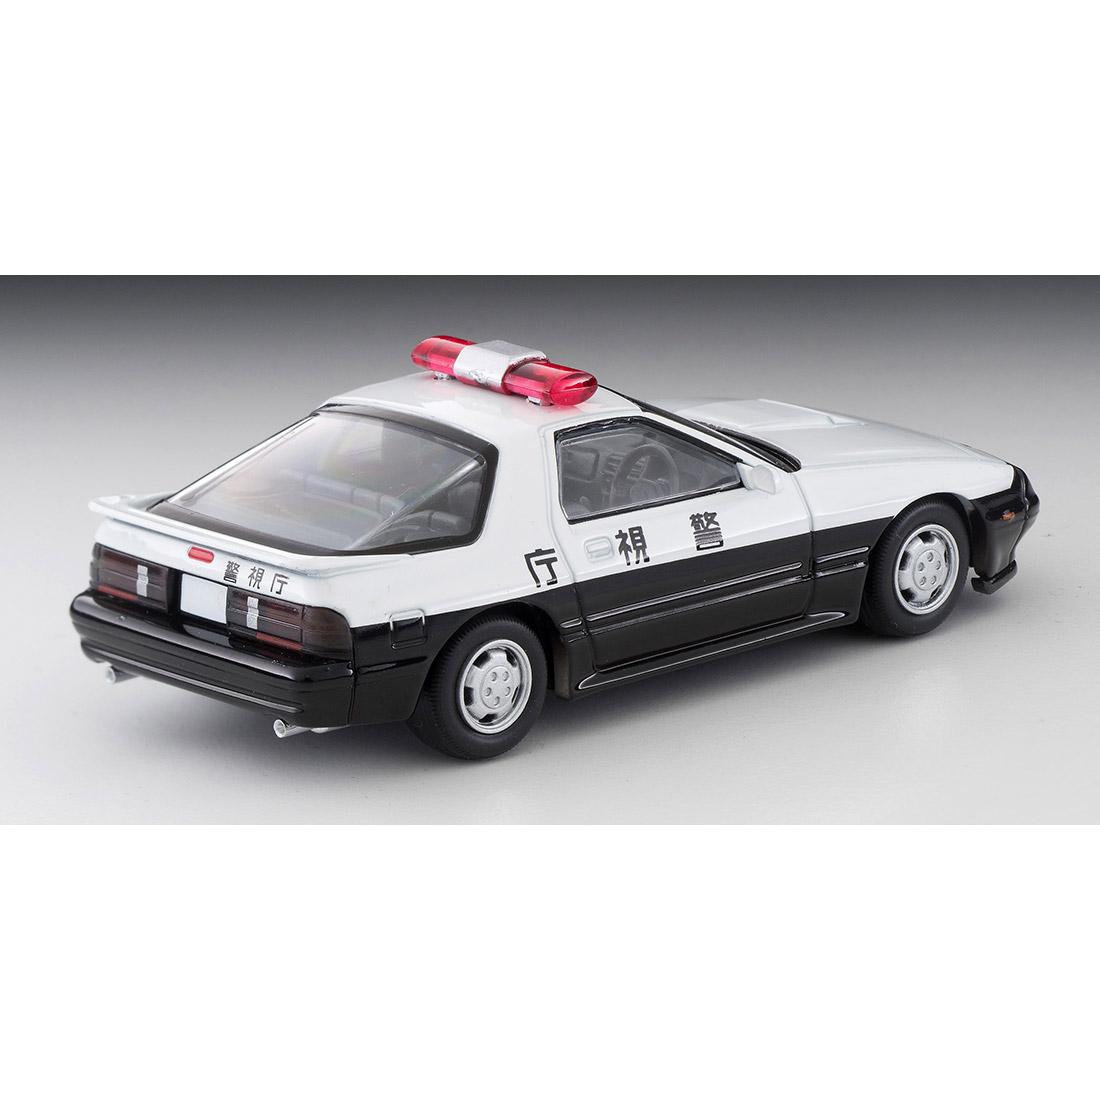 トミカリミテッドヴィンテージ ネオ『LV-N214a マツダ サバンナRX-7 パトカー(警視庁)』ミニカー-002